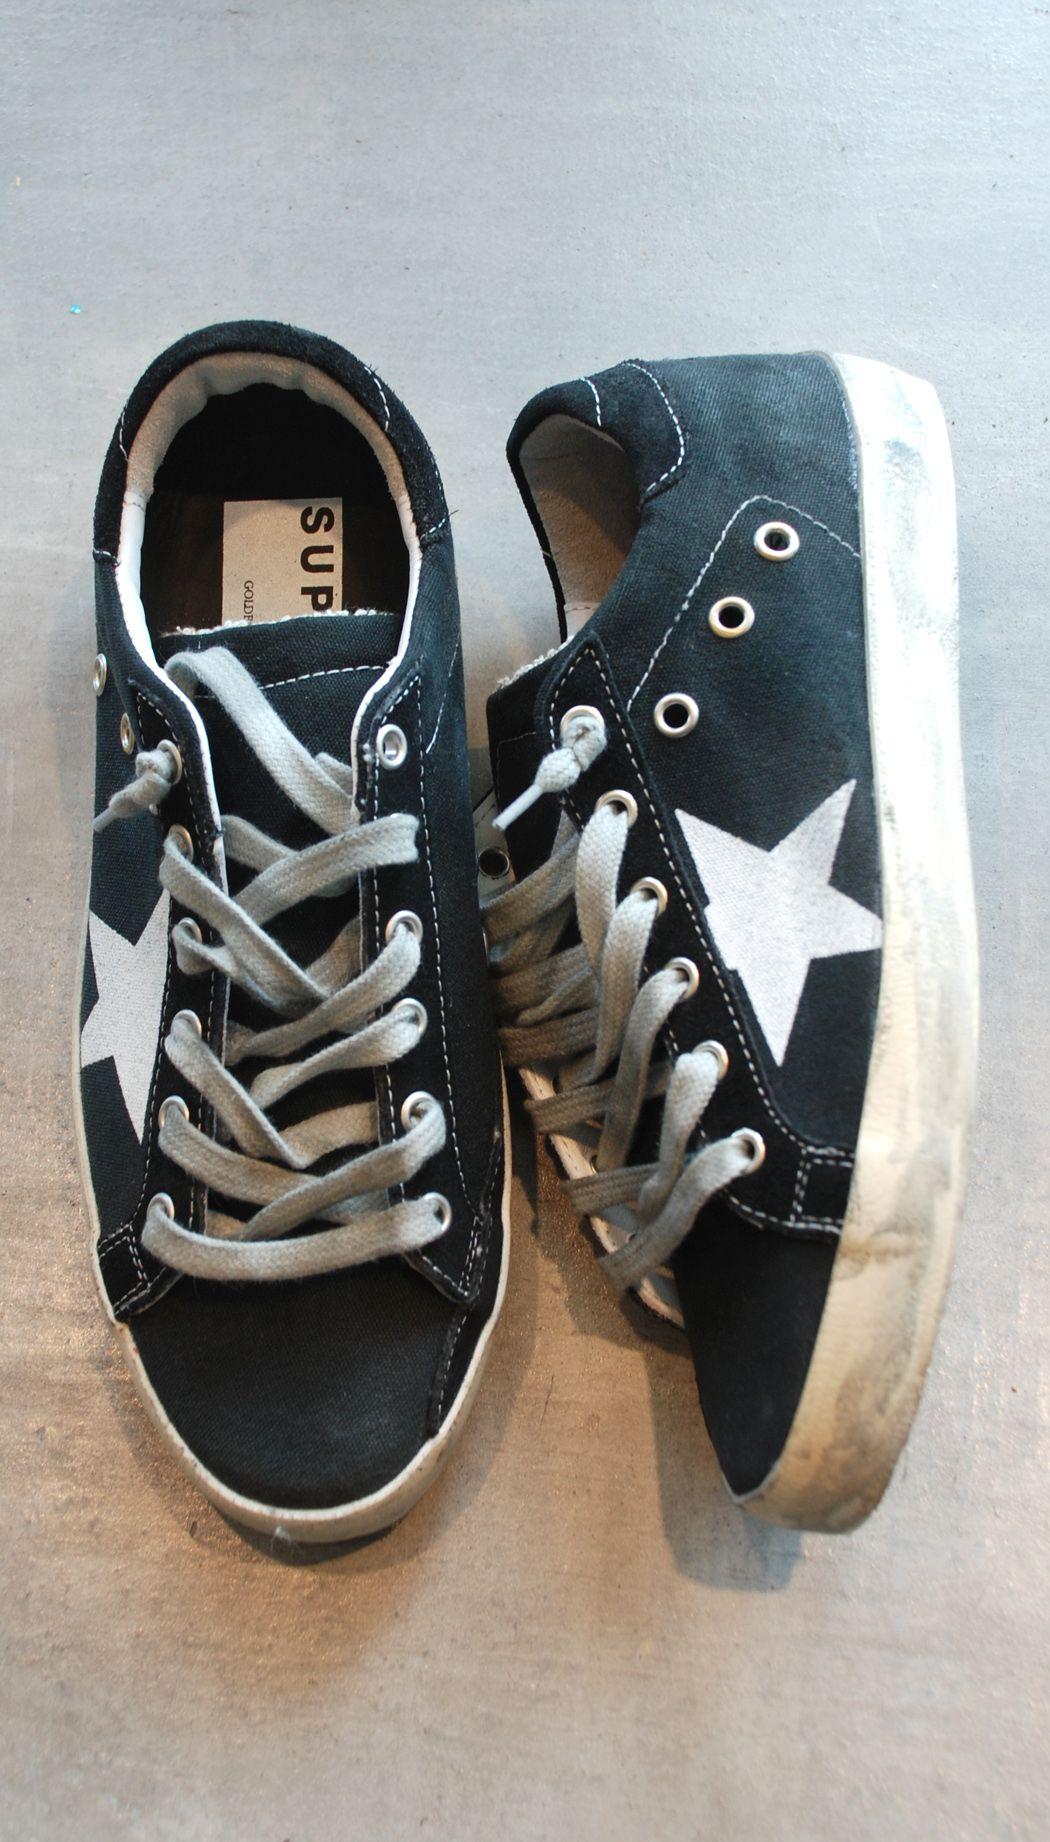 Golden Goose Superstar Black Sneakers